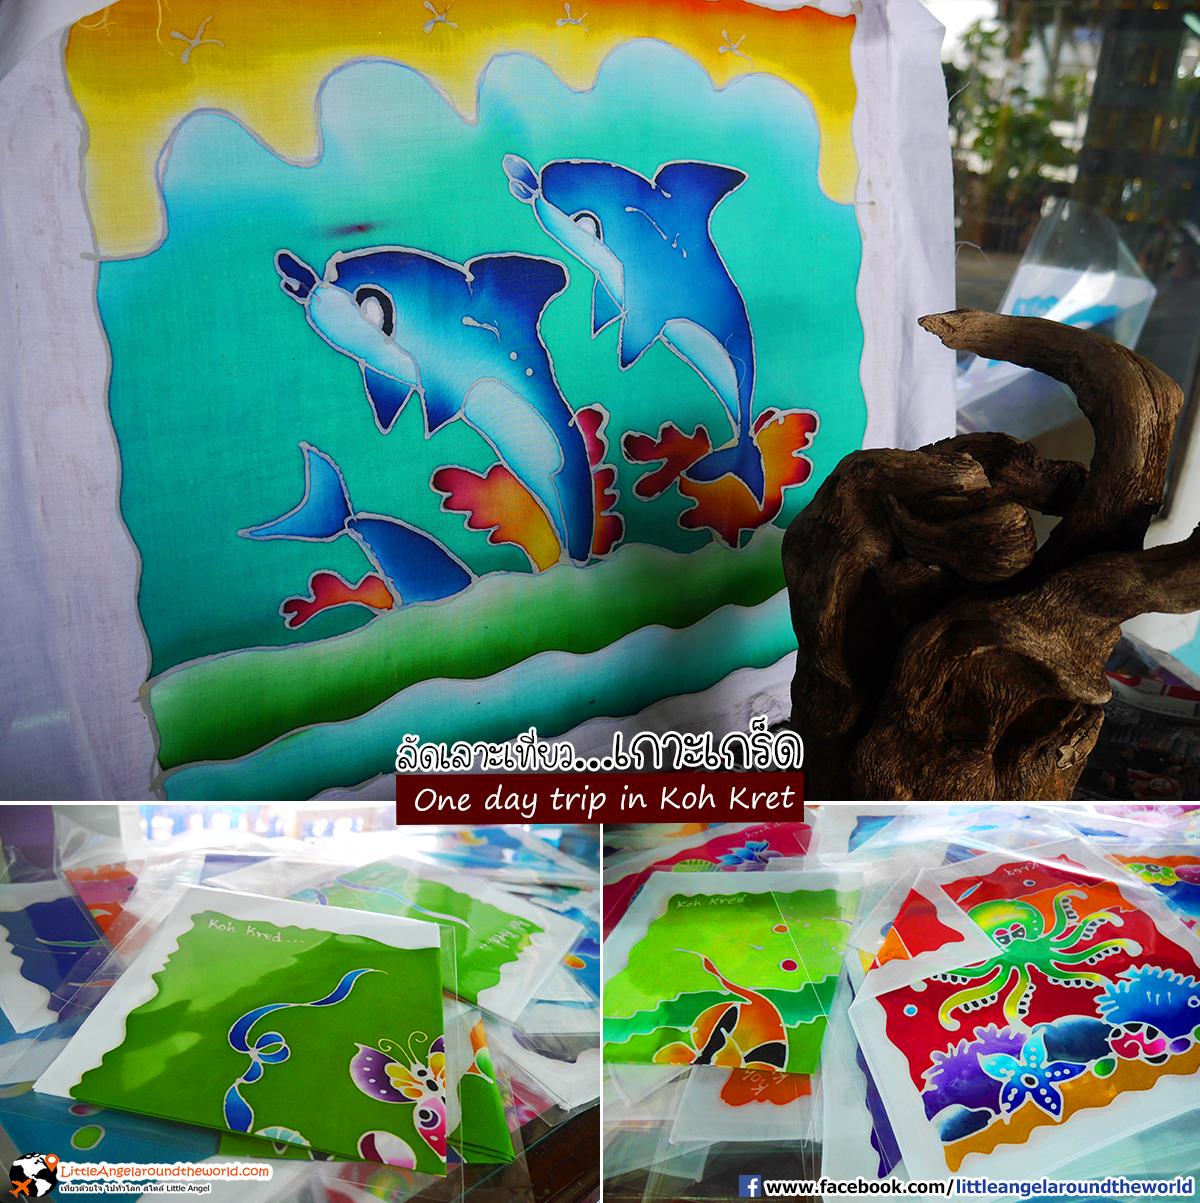 ผ้าบาติกที่นำมาทำเป็นผ้าเช็ดหน้า สีสันสดใส : เที่ยวเกาะเกร็ด (One day trip in Koh Kret)